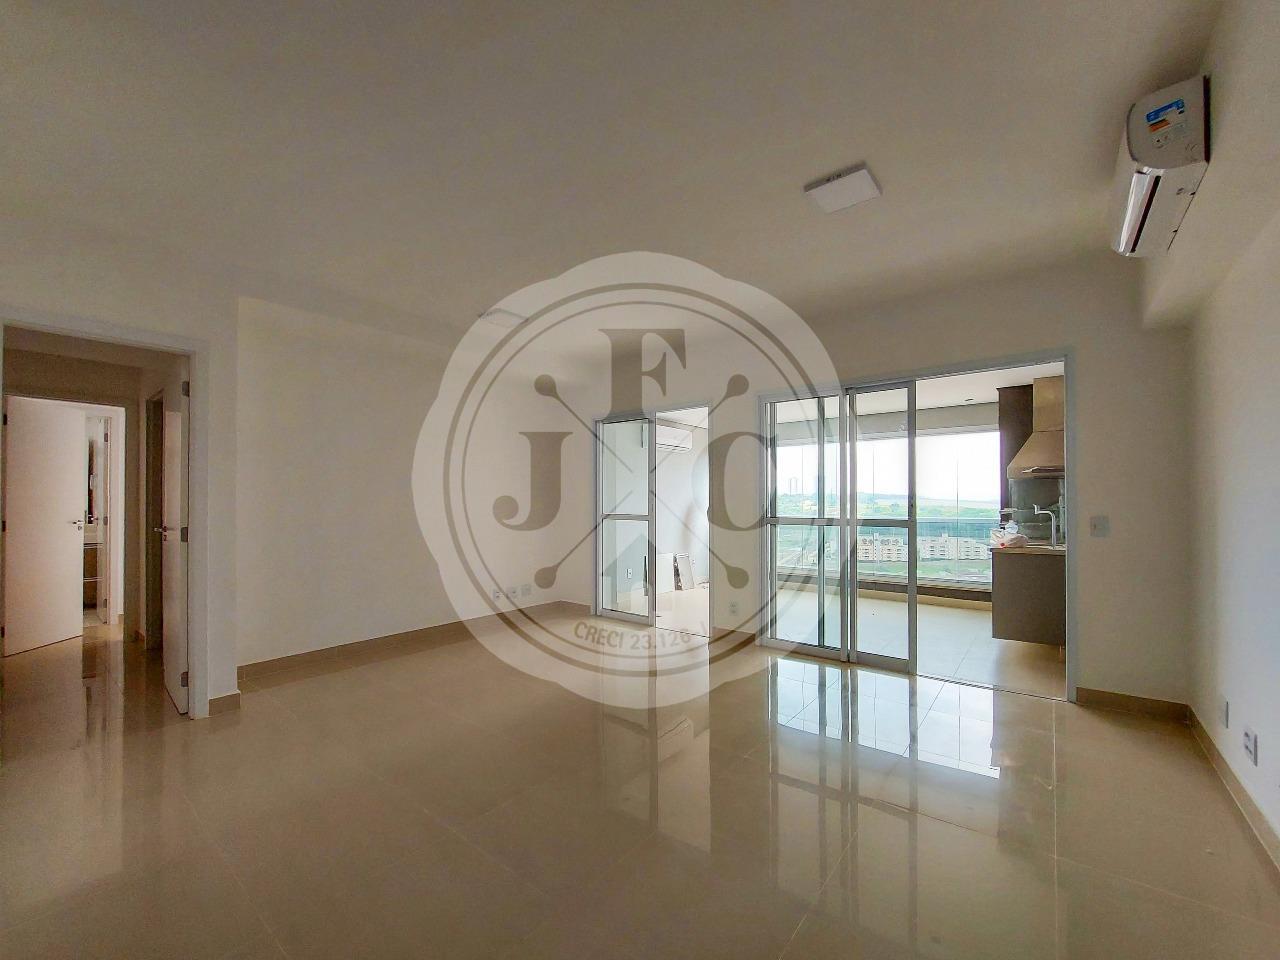 Apartamento para aluguel, 3 quartos, 3 suítes, 2 vagas, Jardim Botânico - Ribeirão Preto/SP